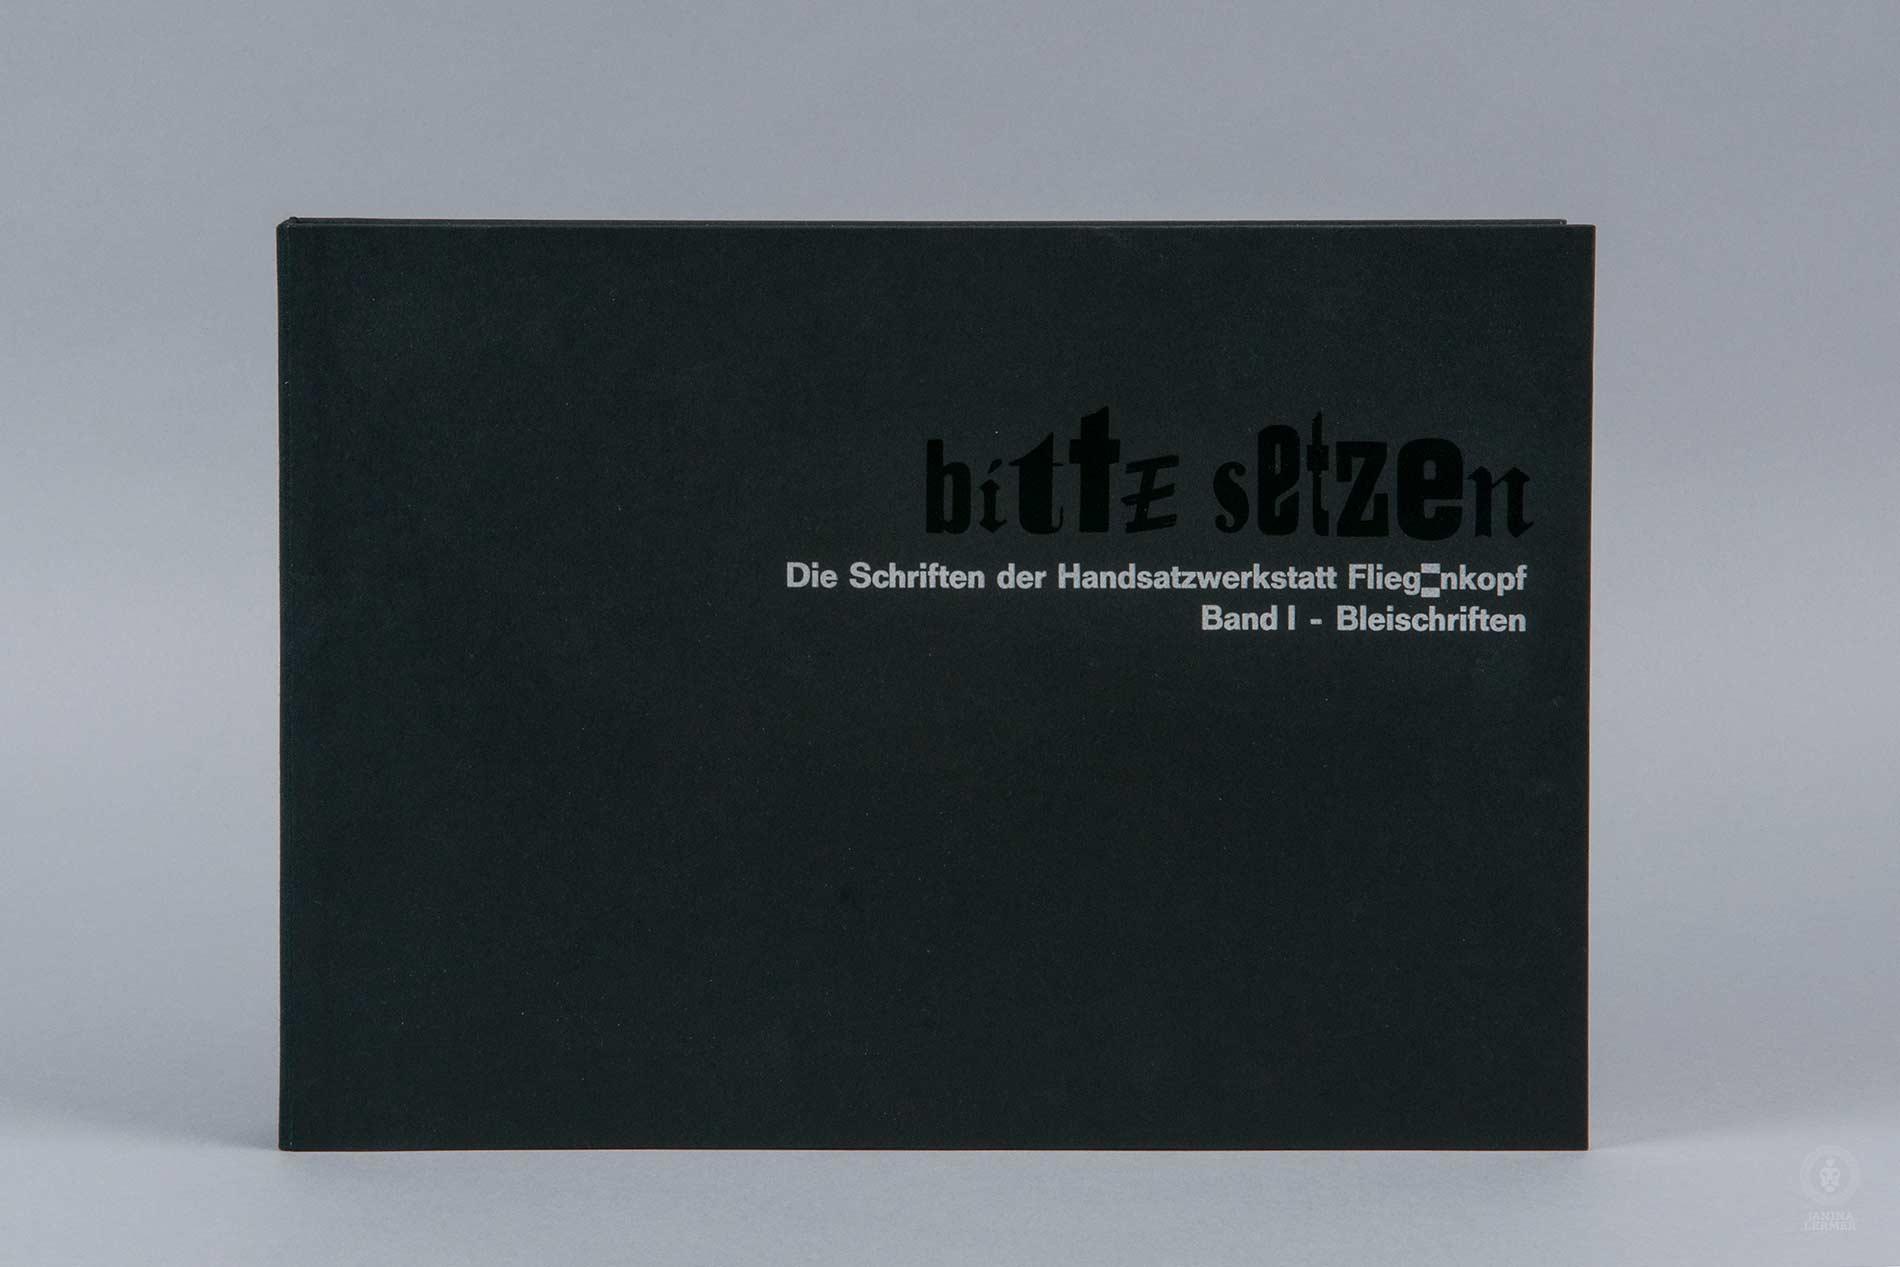 Janina-Lermer-Buchgestaltung-Magazingestaltung-Editorialdesign-Titel-title-Bleisatz-Metaltype-Handgedruckt-Handprinted-Werkstatt-Fliegenkopf